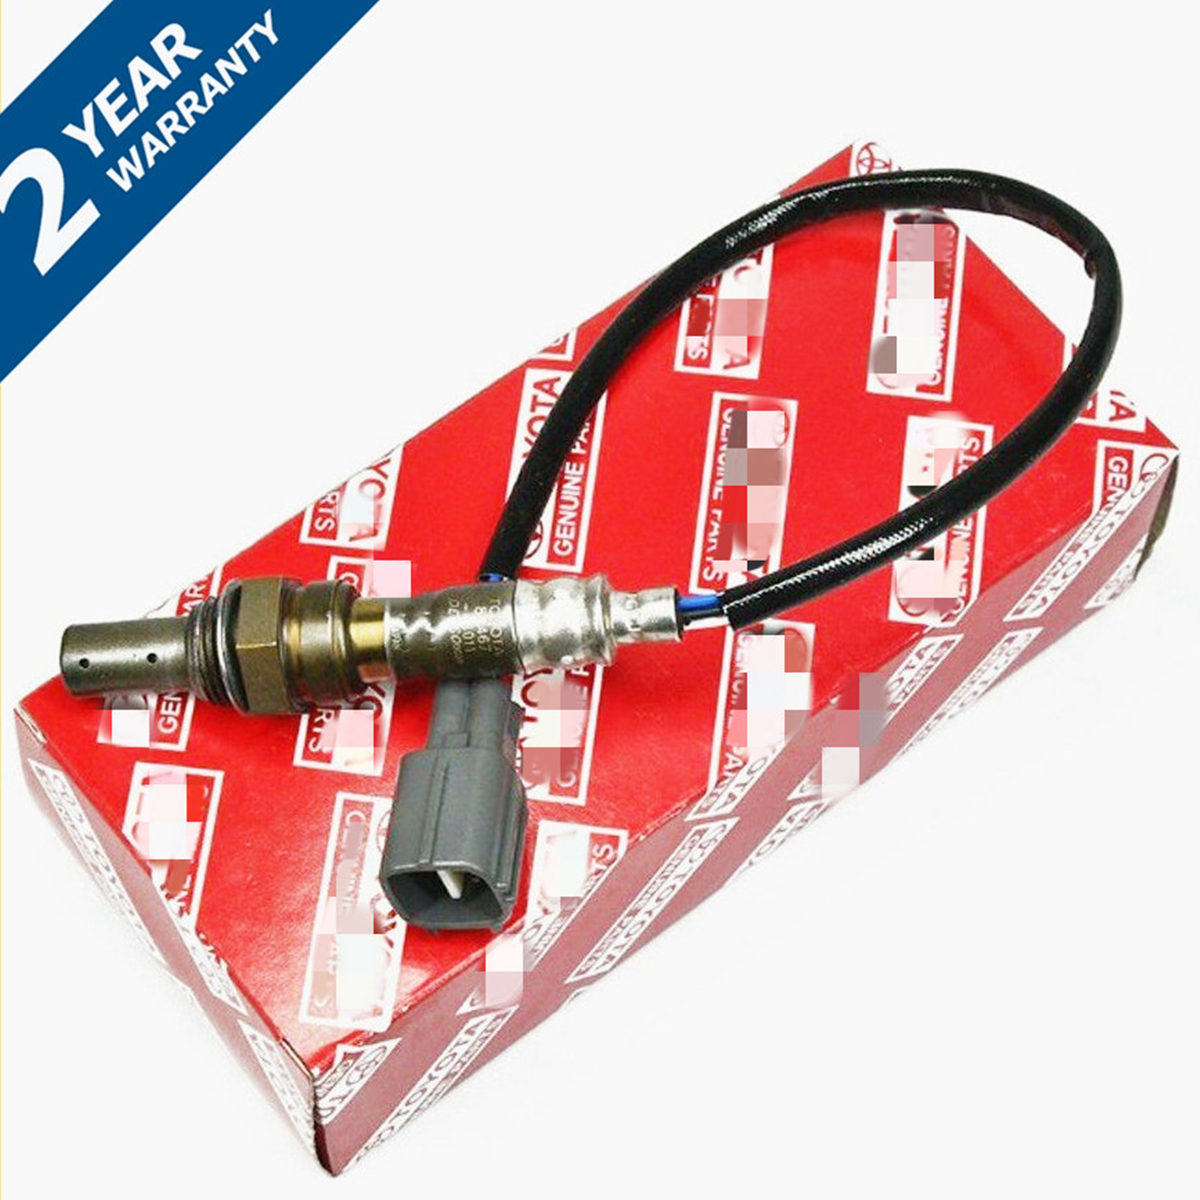 אוויר דלק יחס O2 חמצן חיישן SG848 89467-48011 234-9009 עבור טויוטה Lexu RX300 G1R